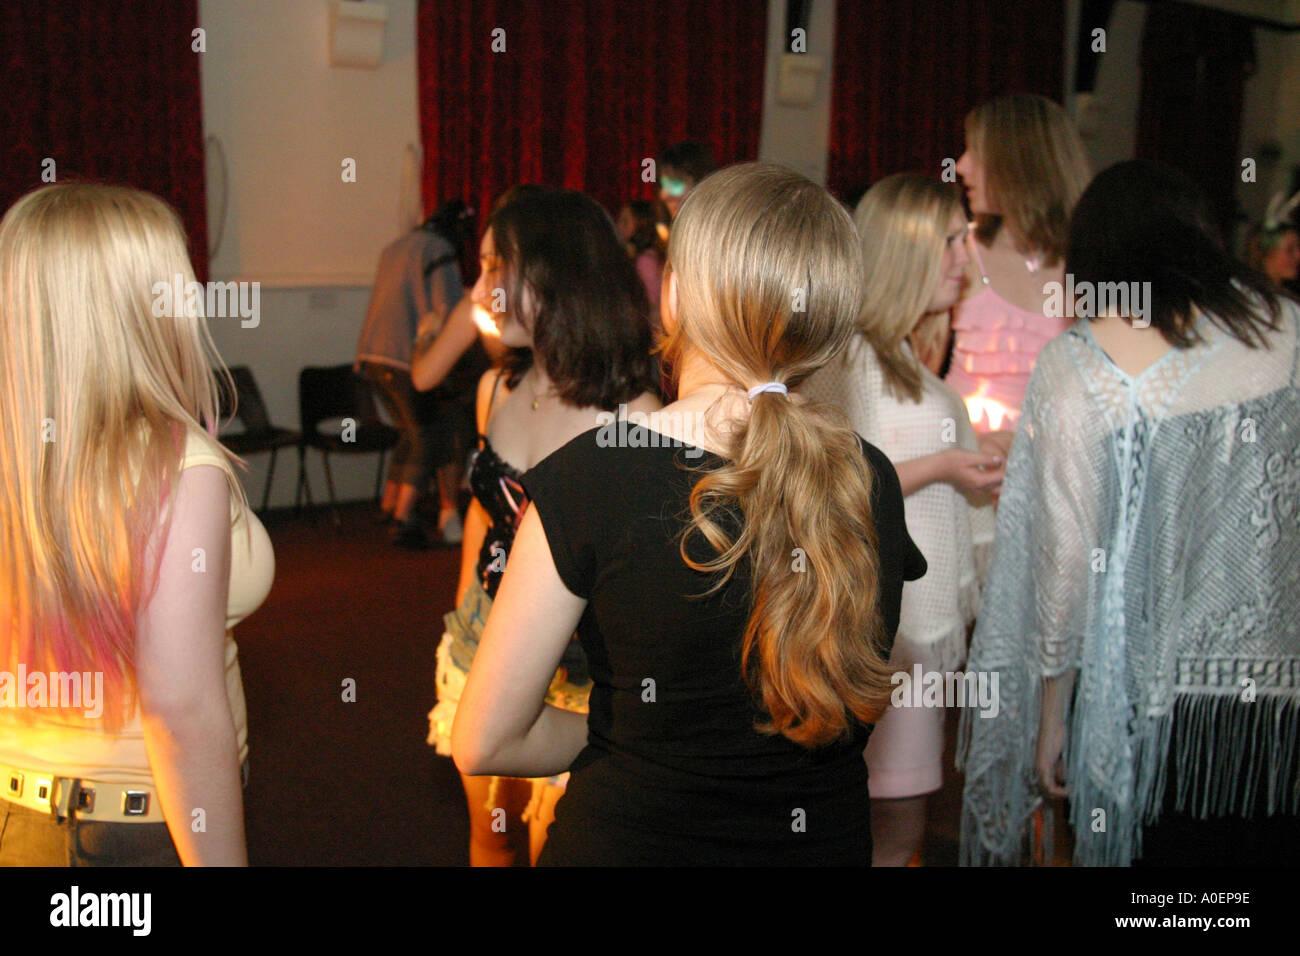 Gli adolescenti Festa di Compleanno discoteca lo stile di vita delle persone in Galles Immagini Stock